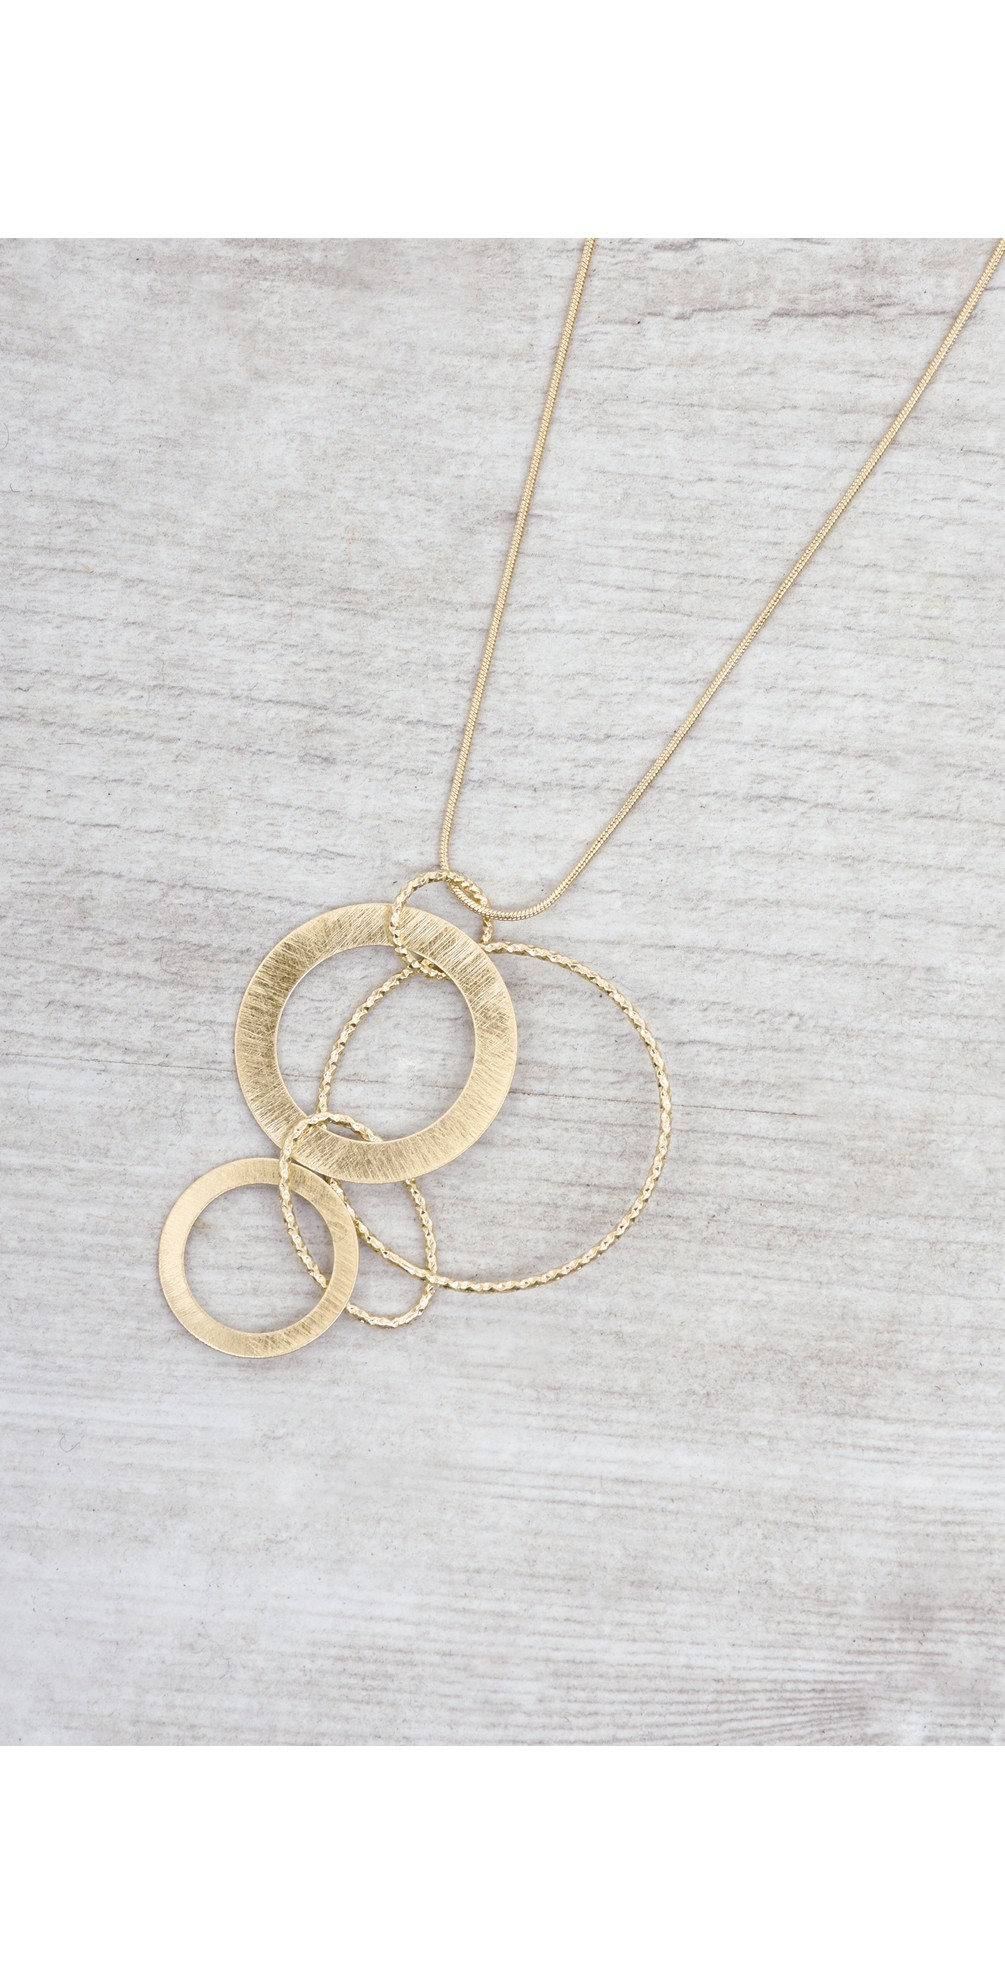 Alyssa Circle Necklace  main image